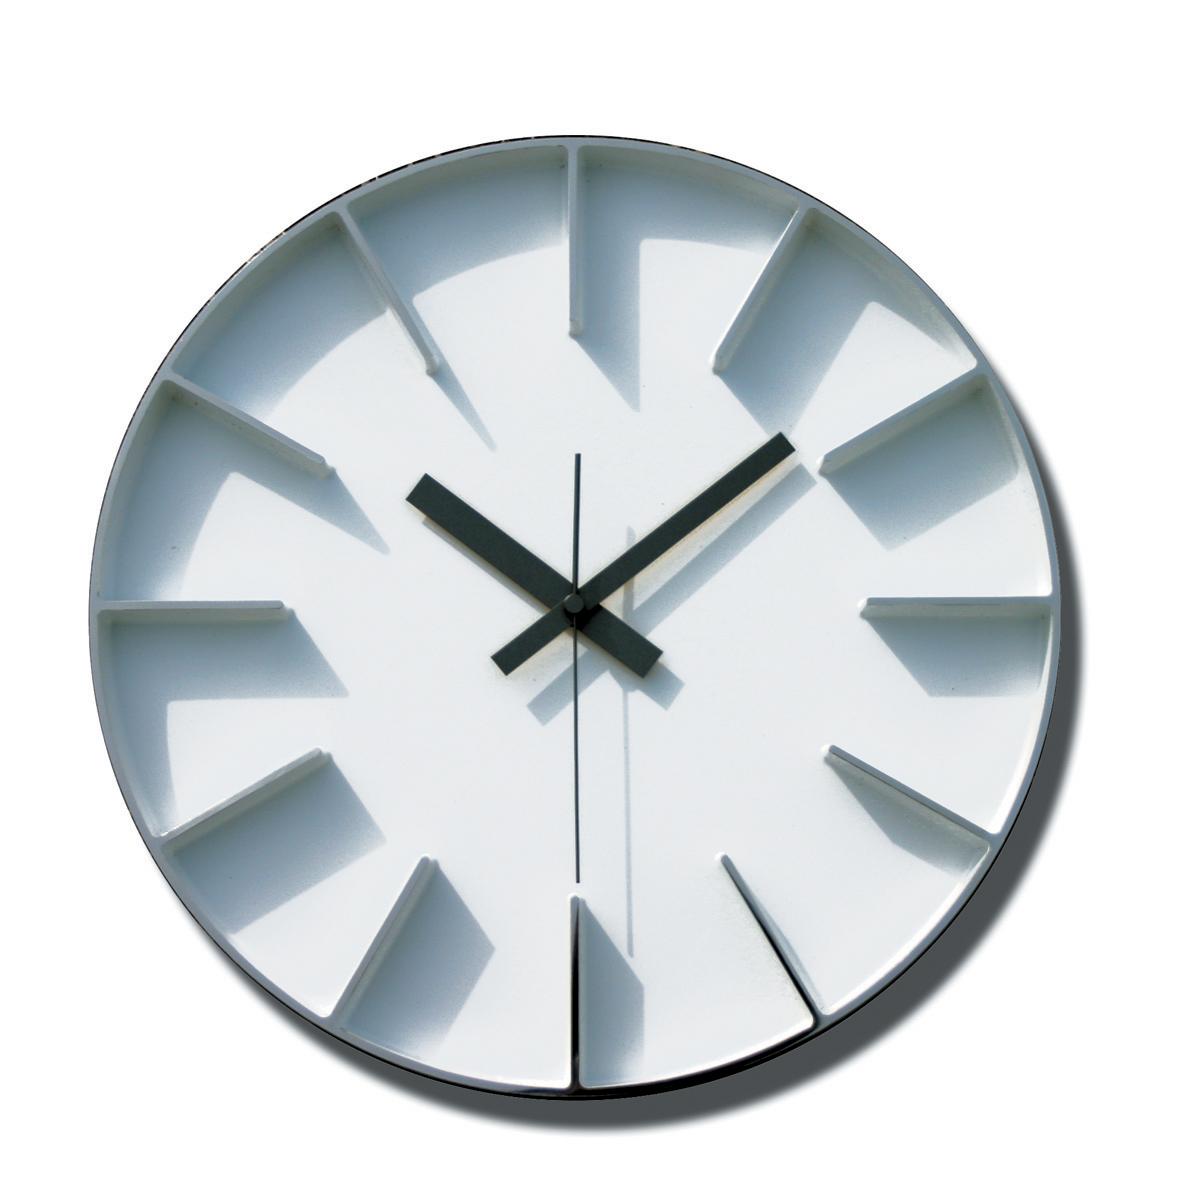 【取寄品】LEMNOS(レムノス) Edge clock L ホワイト 掛け時計